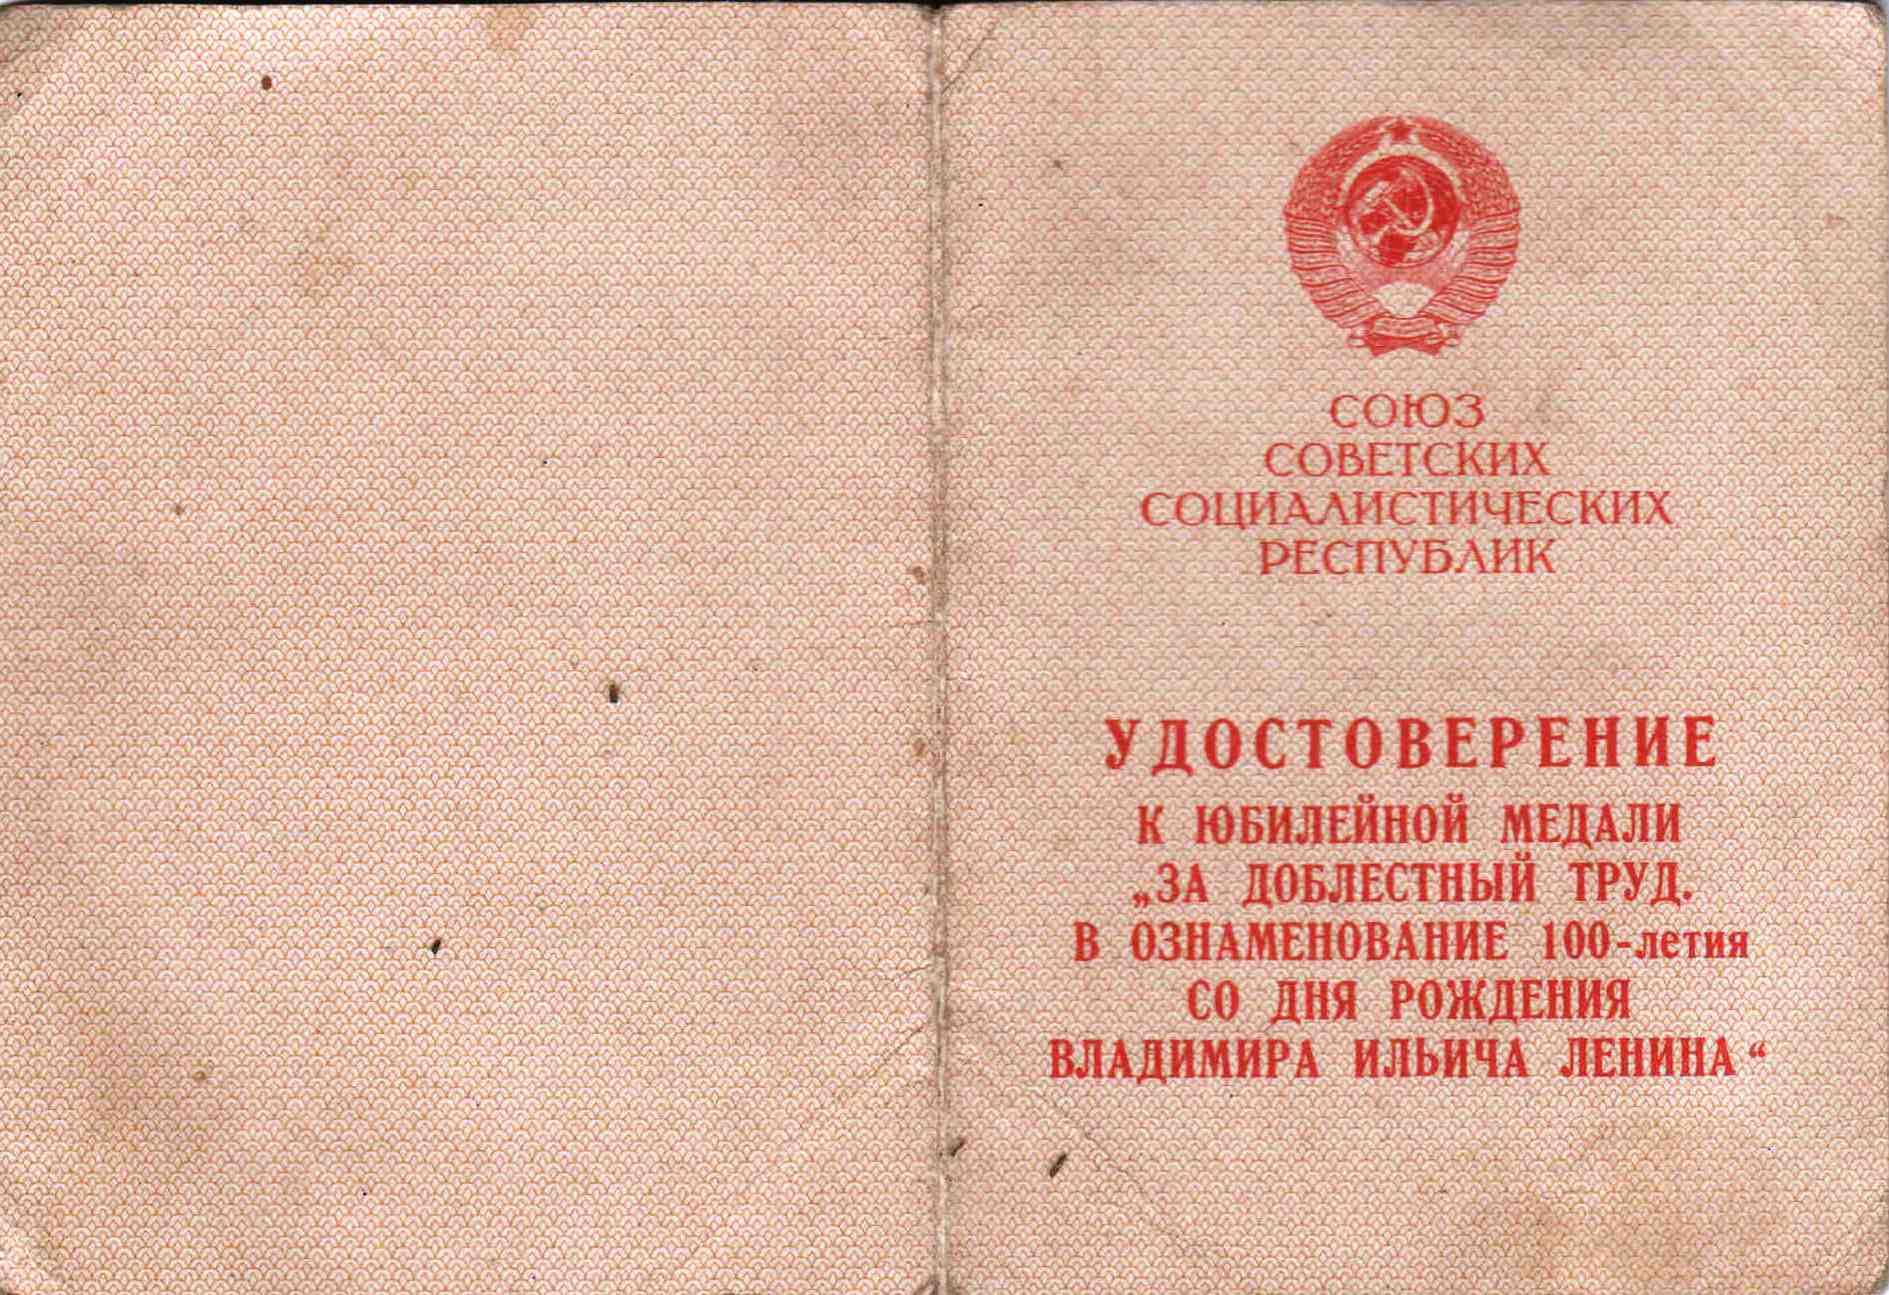 47. Удостоверение к медали За доблестный труд, 1970